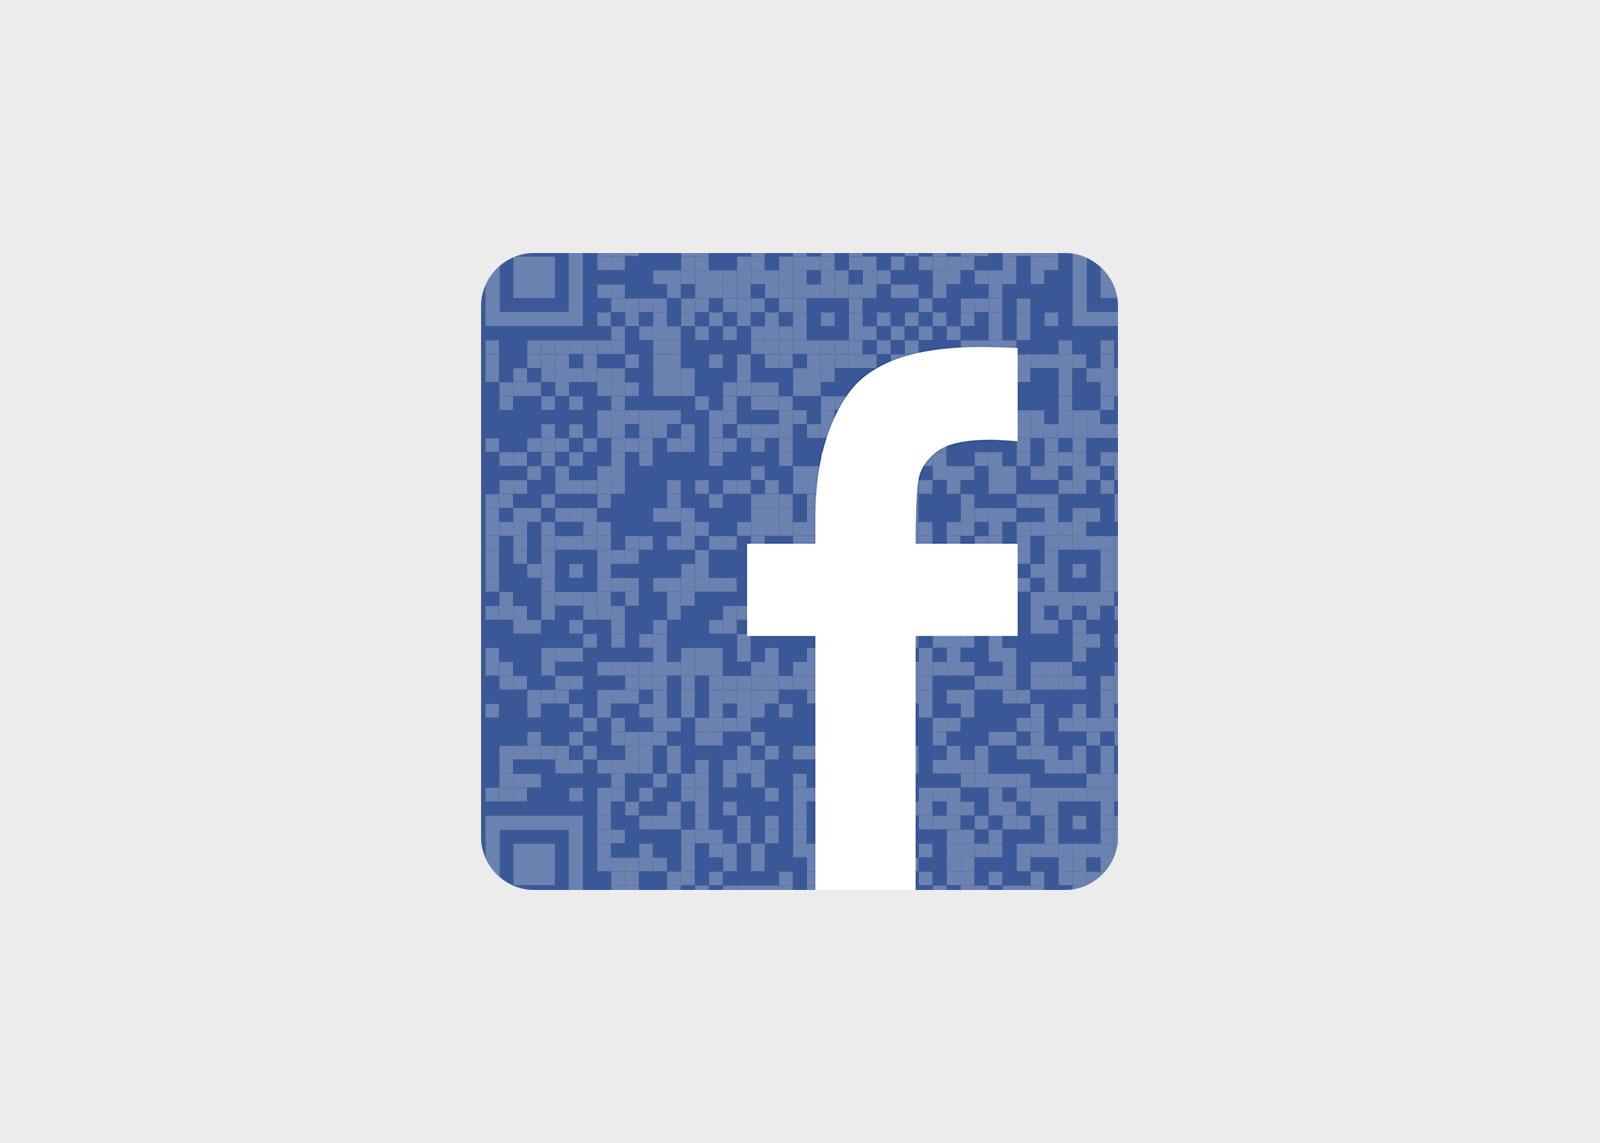 картинки на фейсбук коды довольно редкий